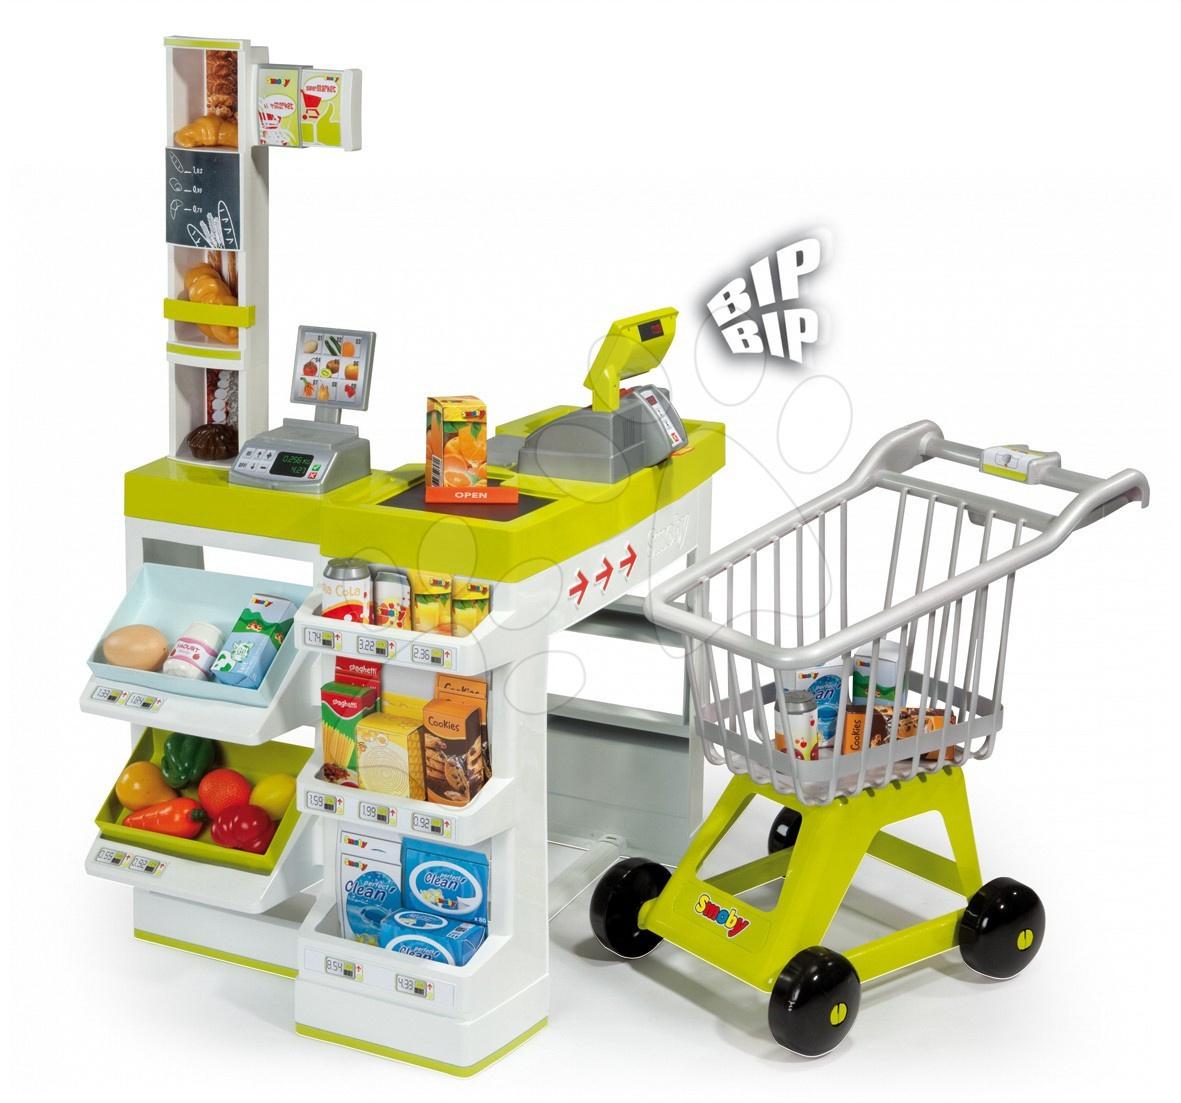 Nagy szupermarket Smoby elektromos, bevásárlókocsival, 36 kiegészítővel